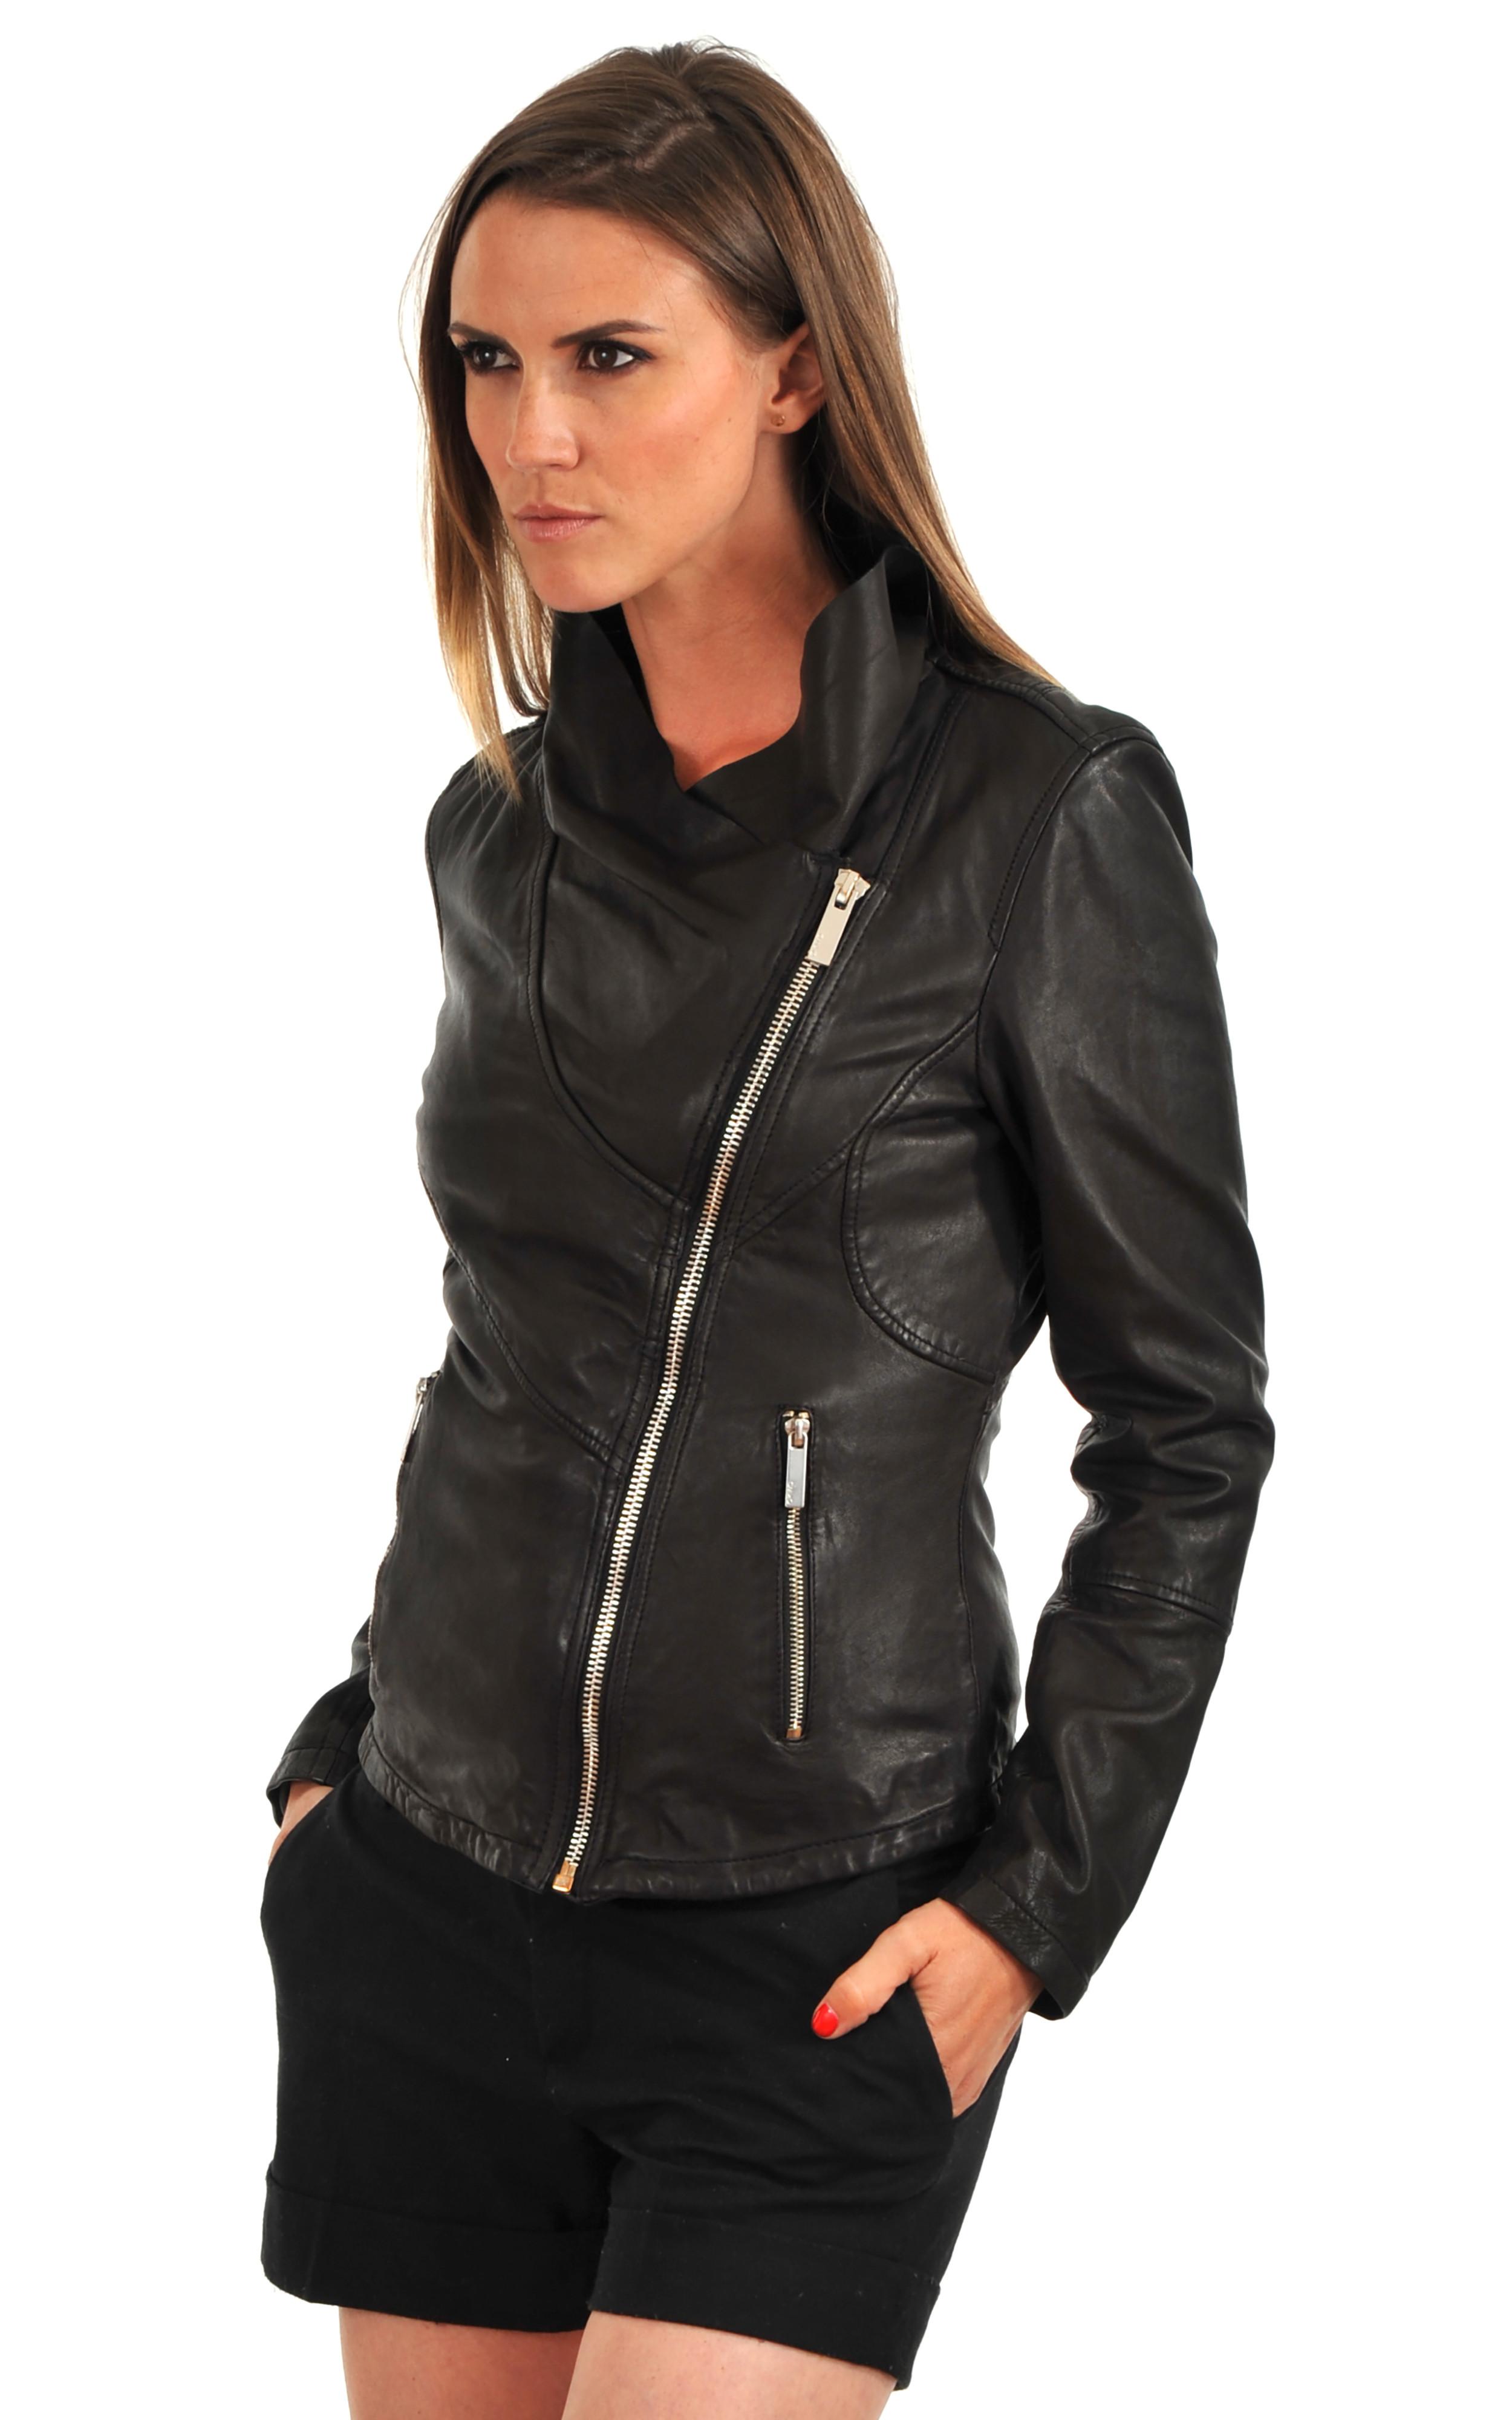 blouson cuir noir femme oakwood la canadienne blouson cuir noir. Black Bedroom Furniture Sets. Home Design Ideas